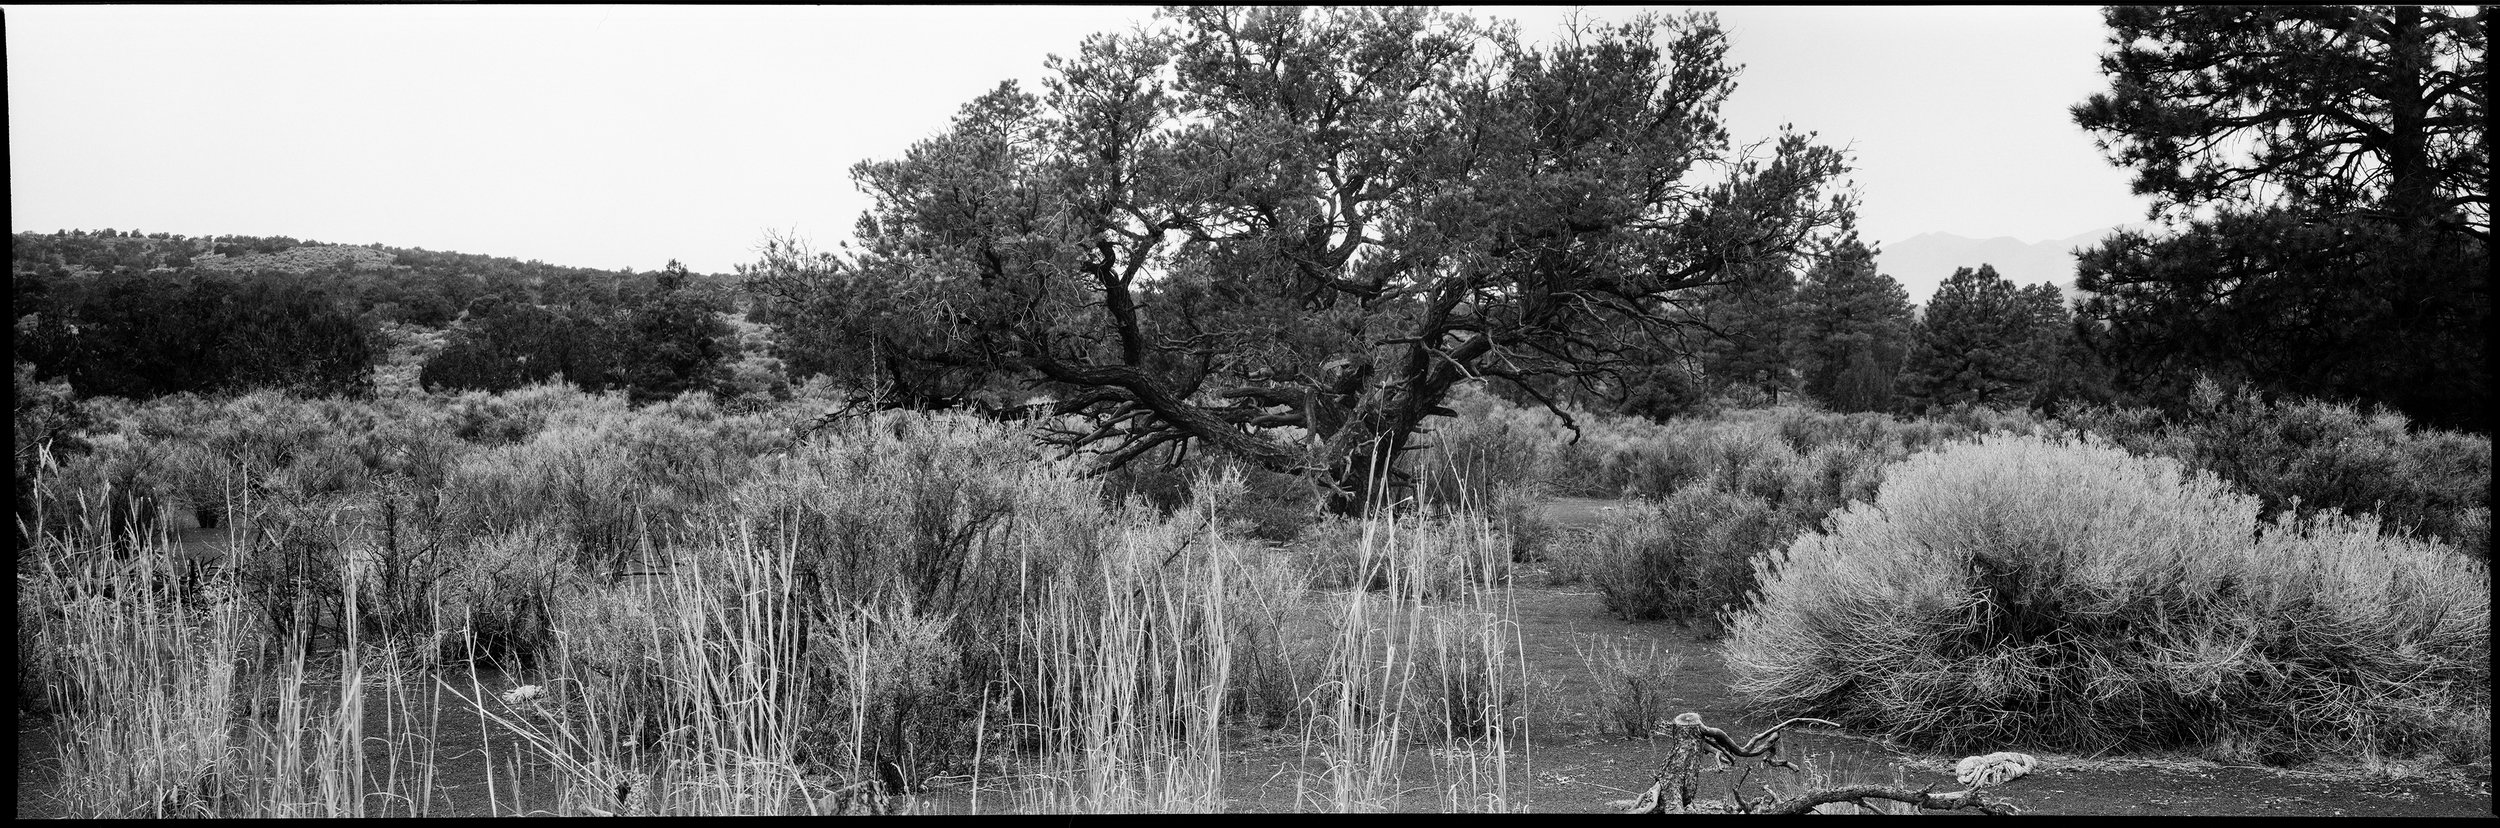 Grass, Black Sand, & Tree II